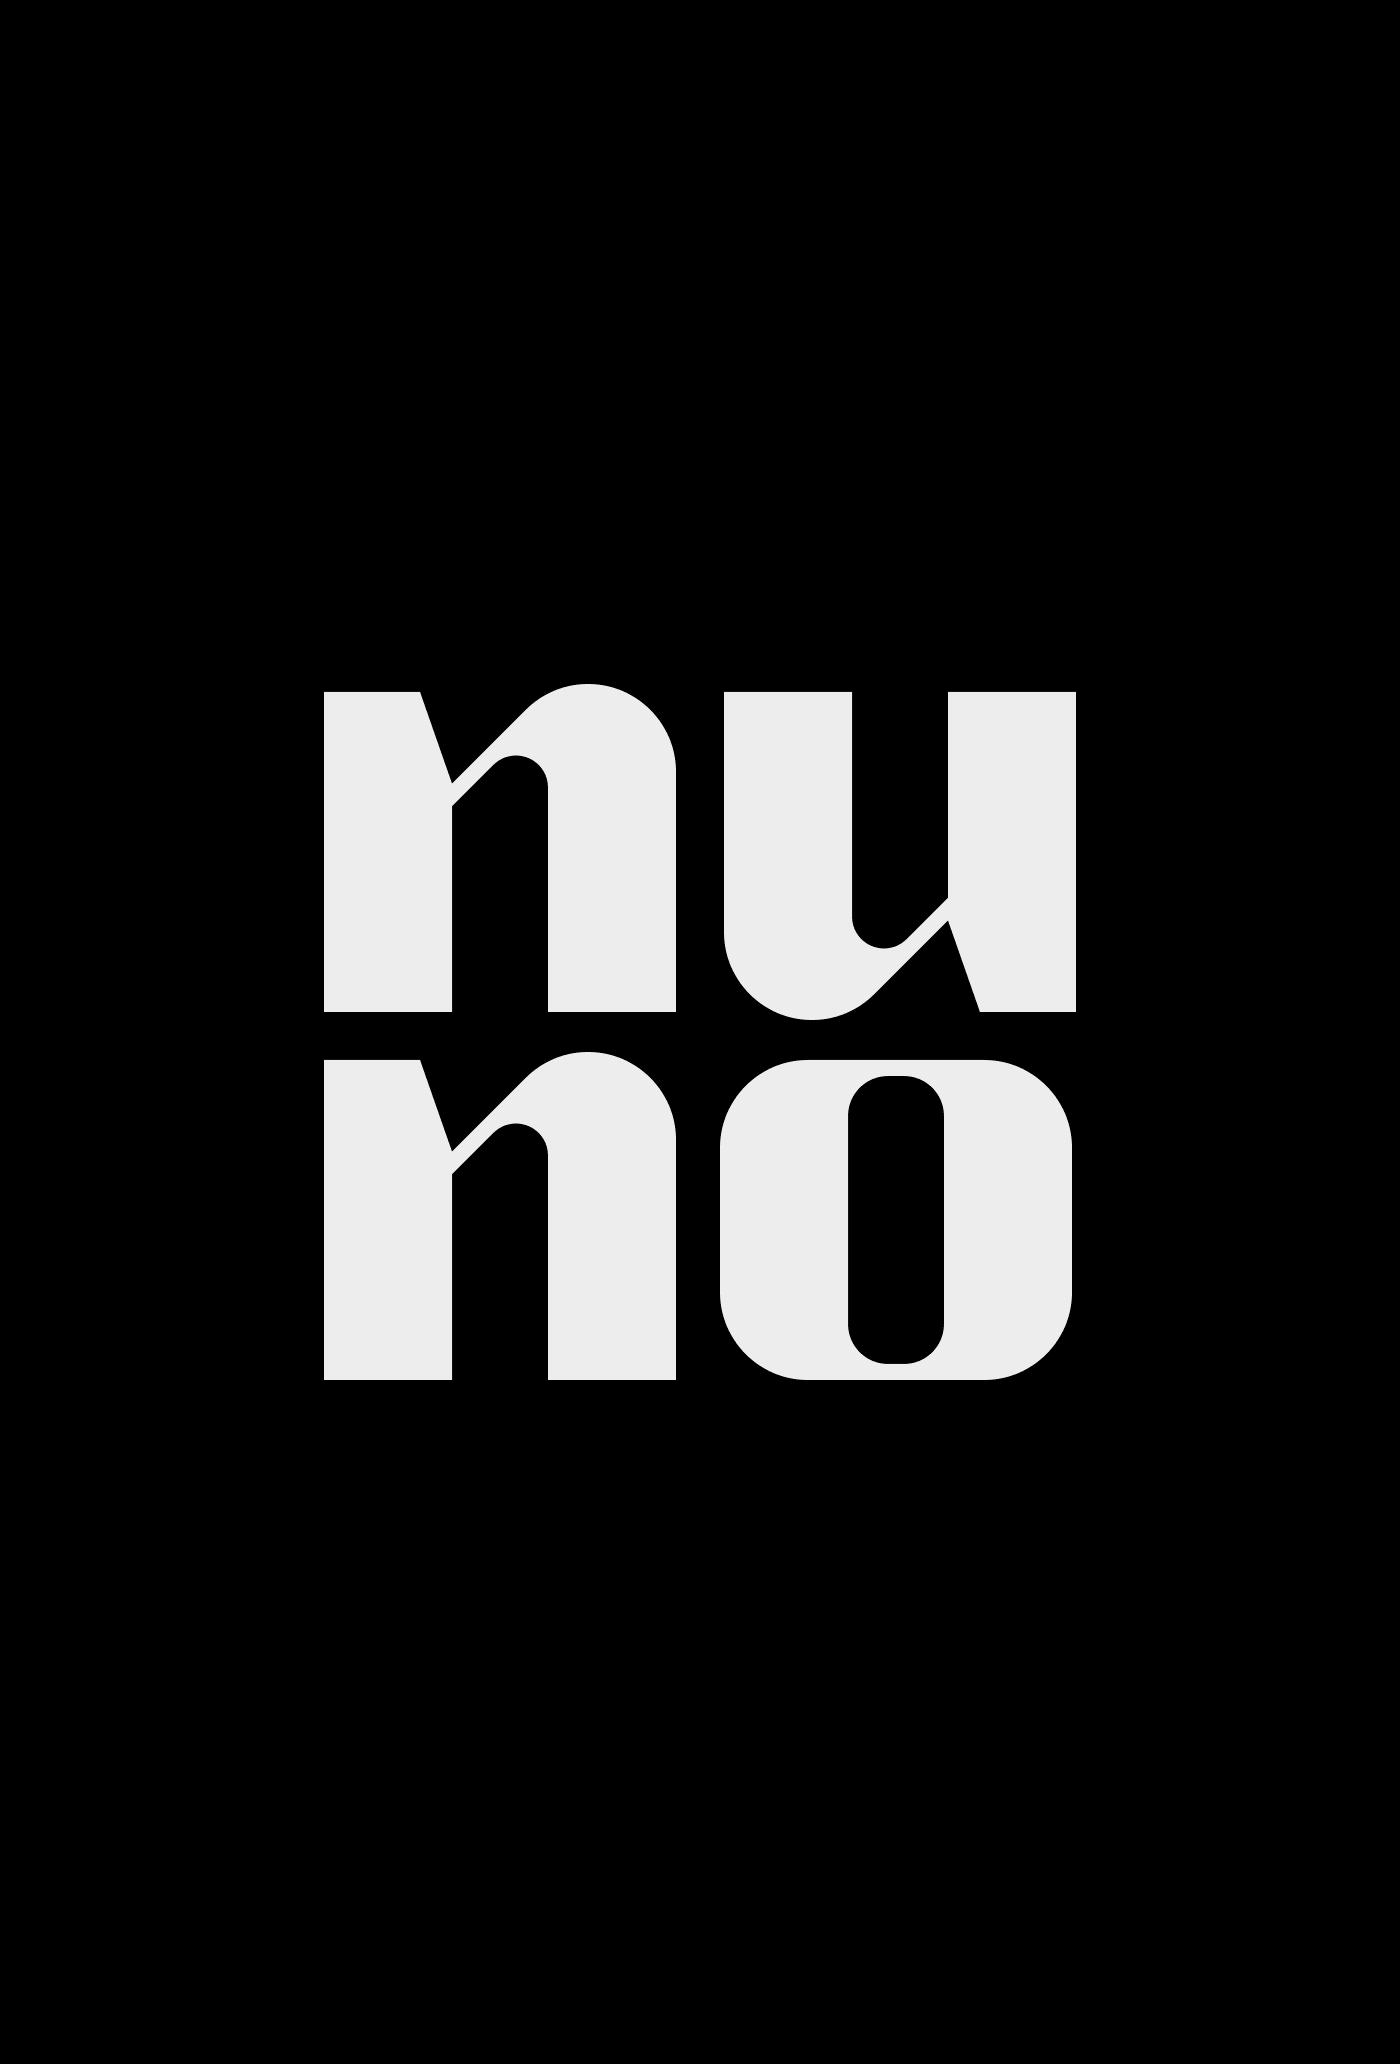 BrunoSilva-Logos-013